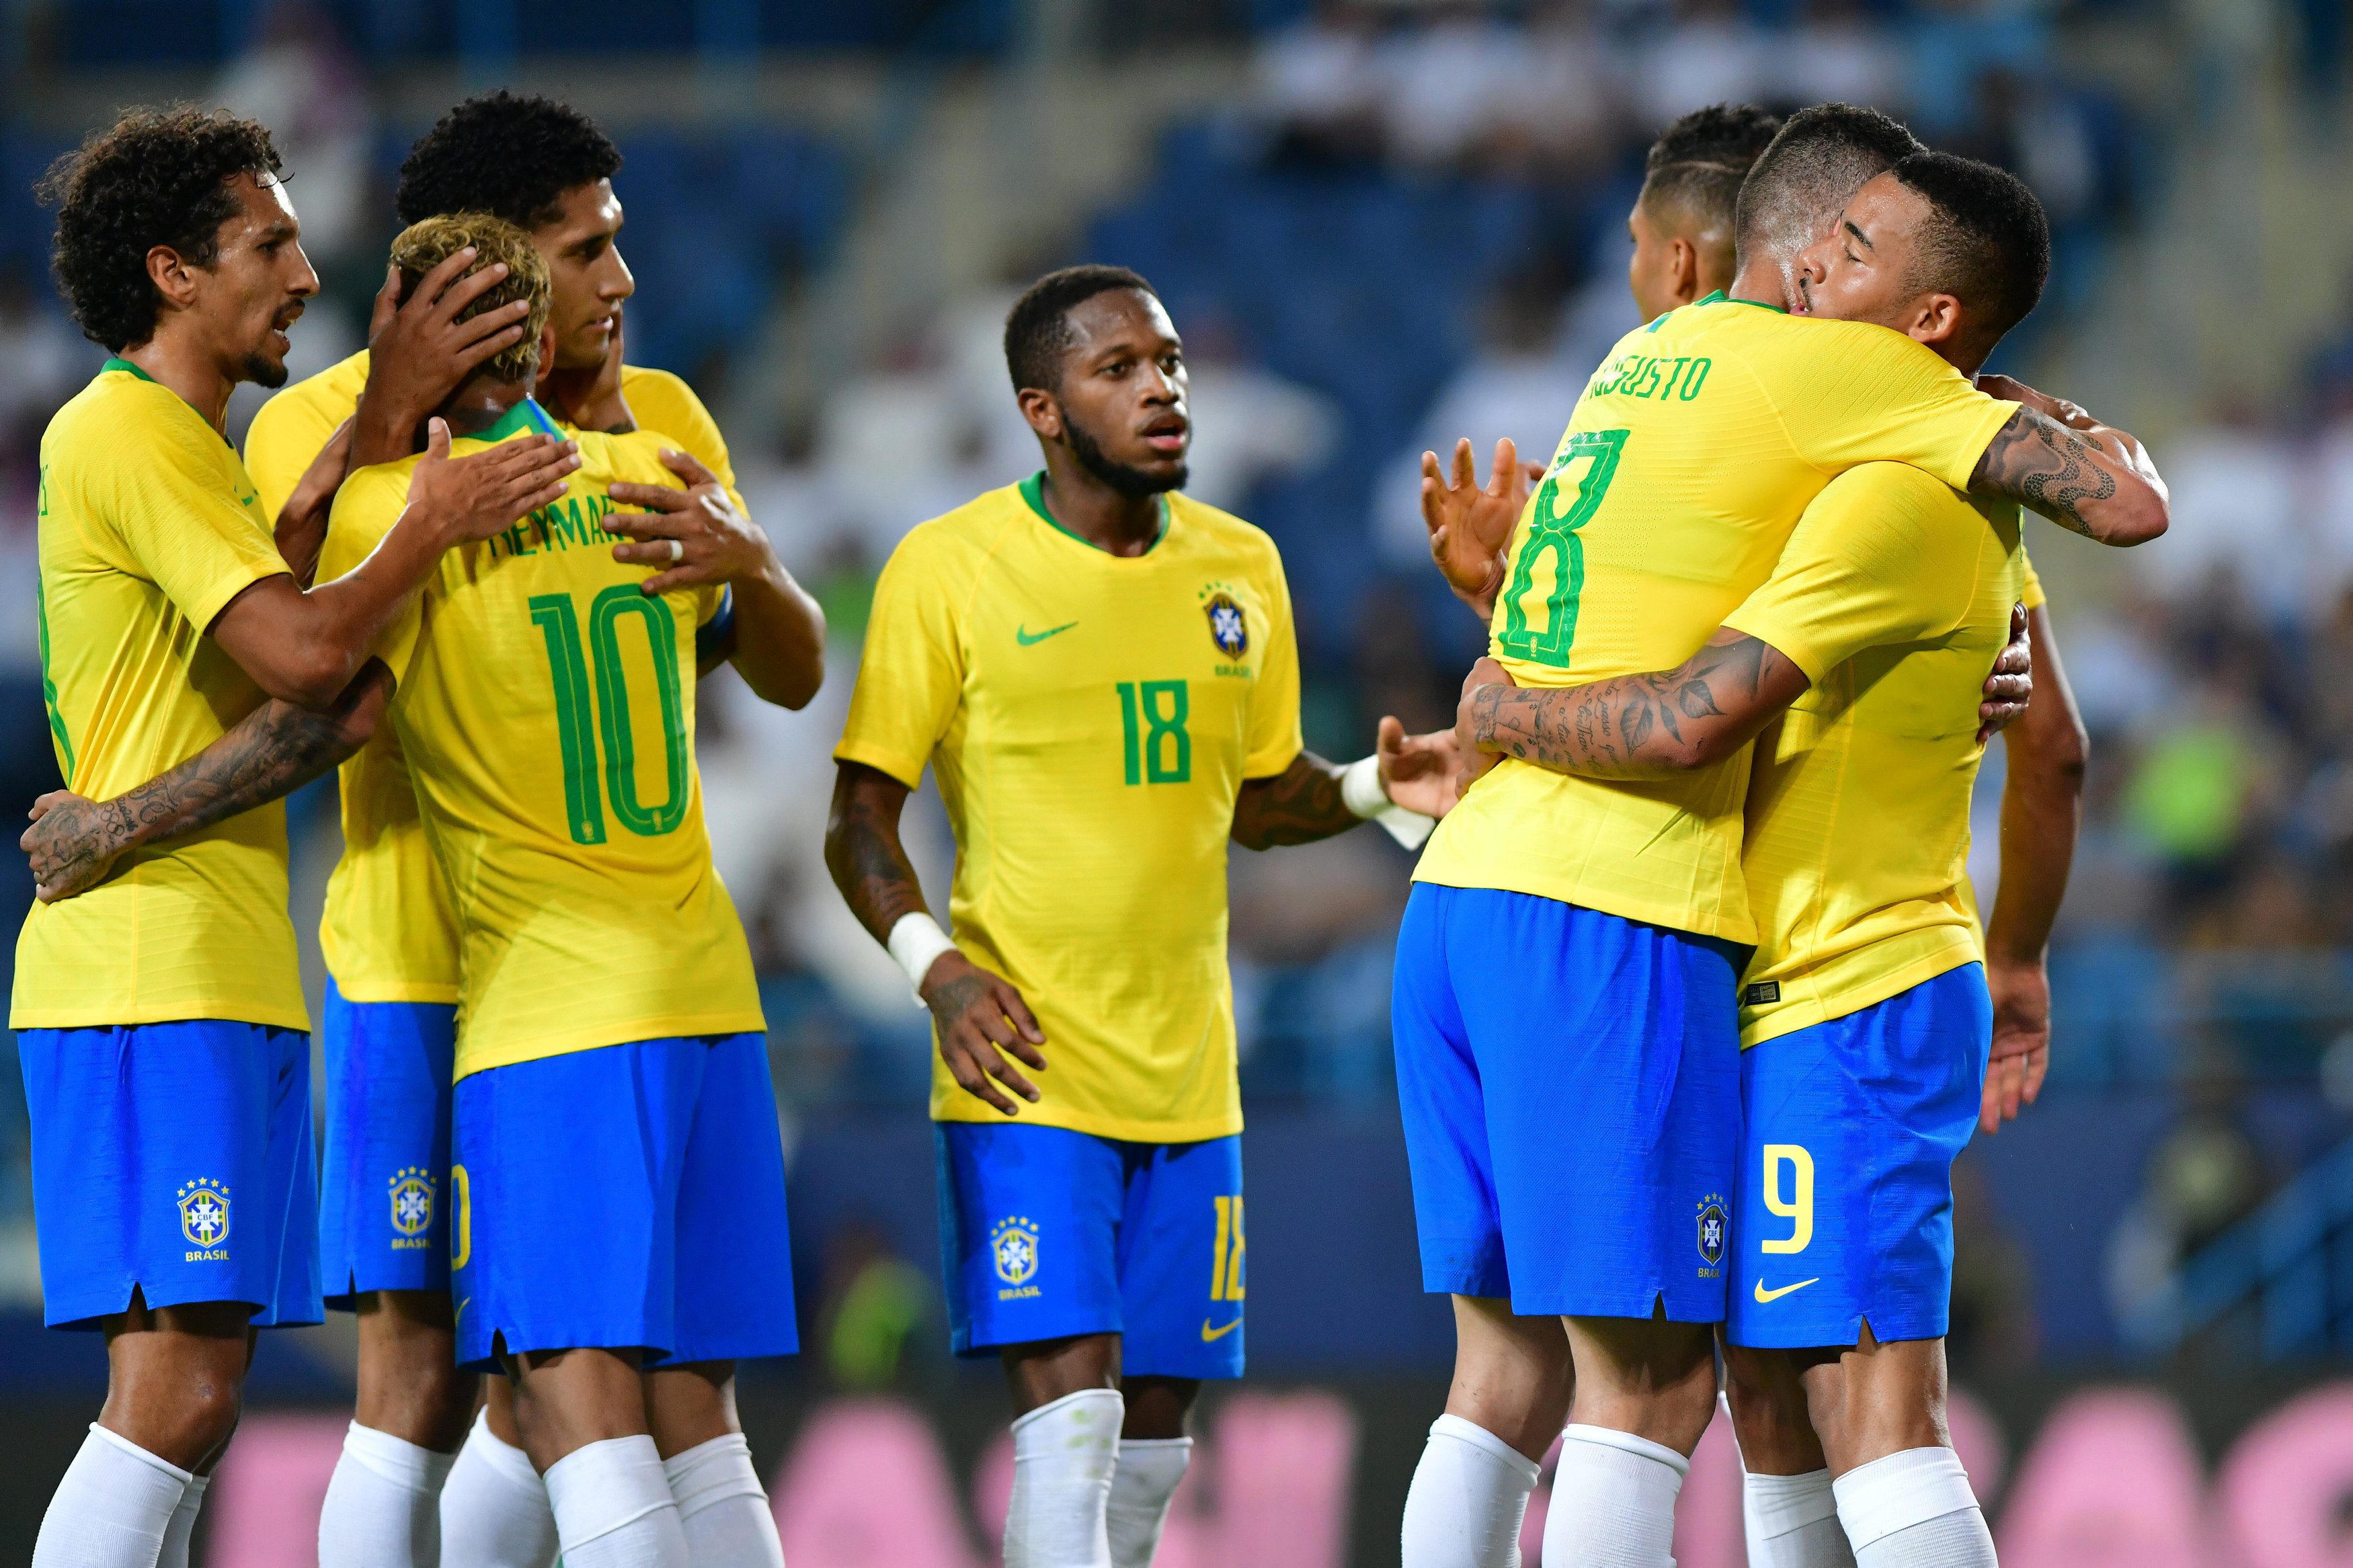 مباراة السعودية ضد البرازيل  (22)